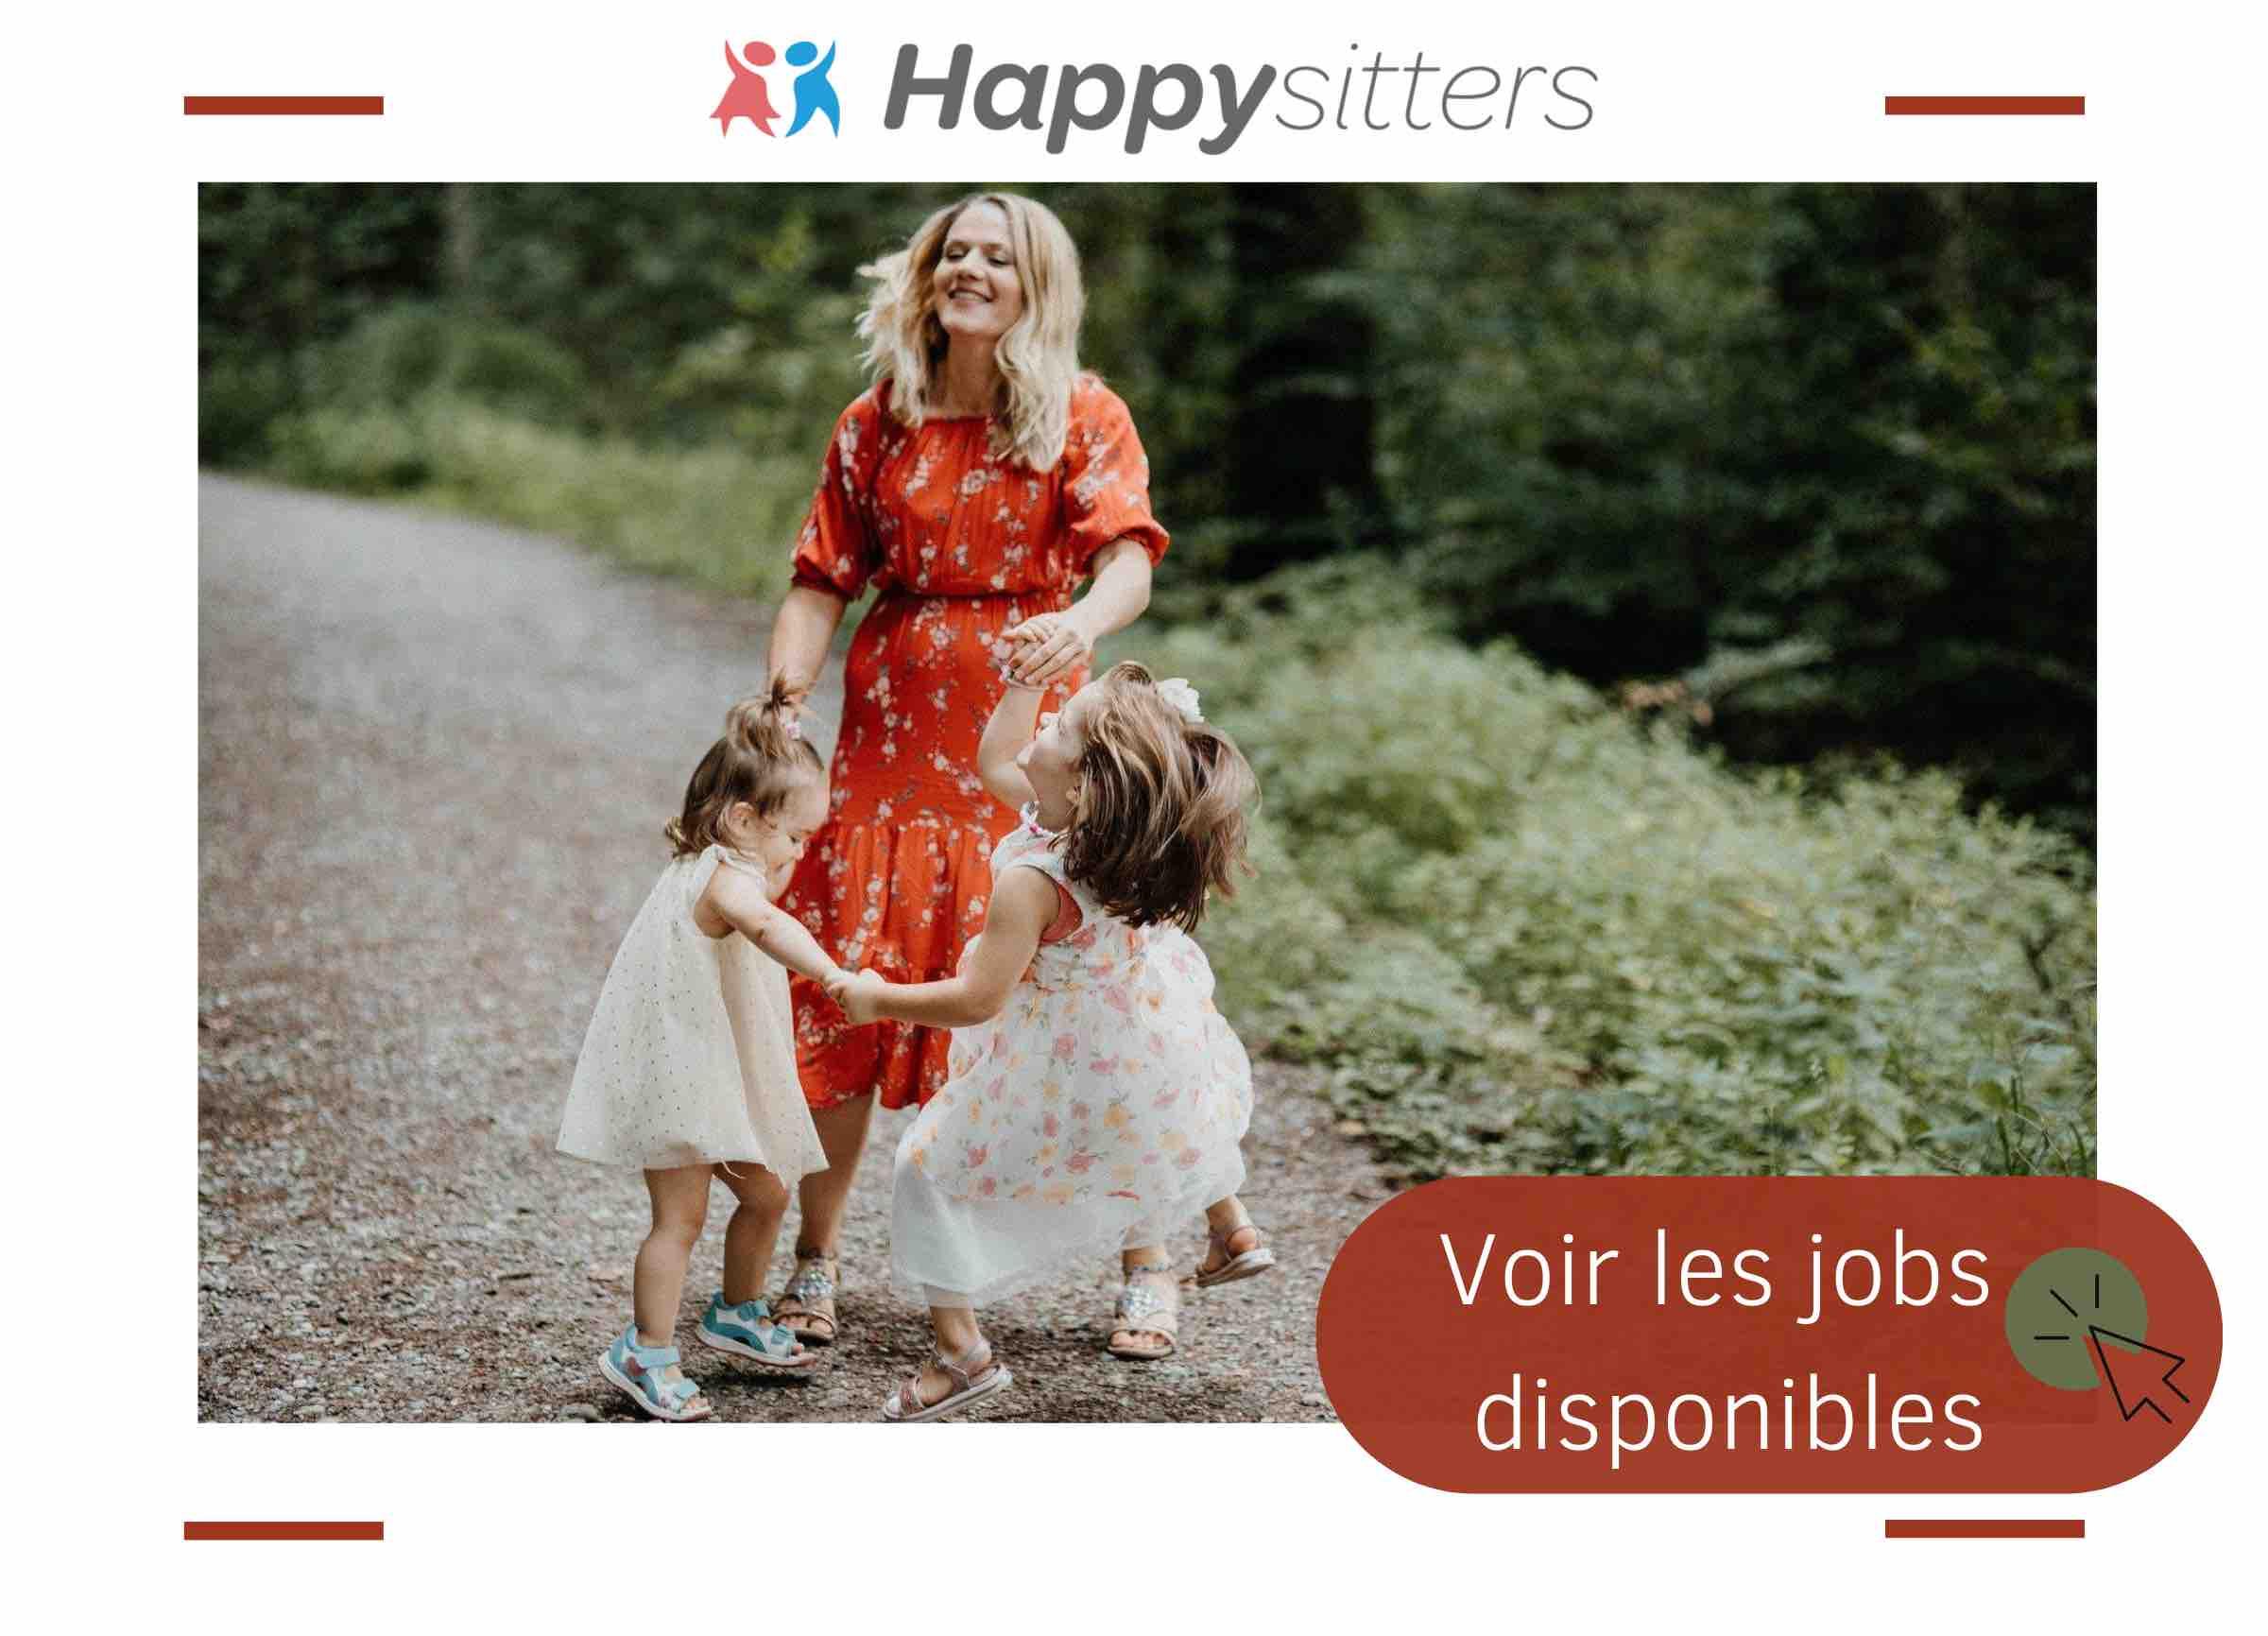 Happysitters >